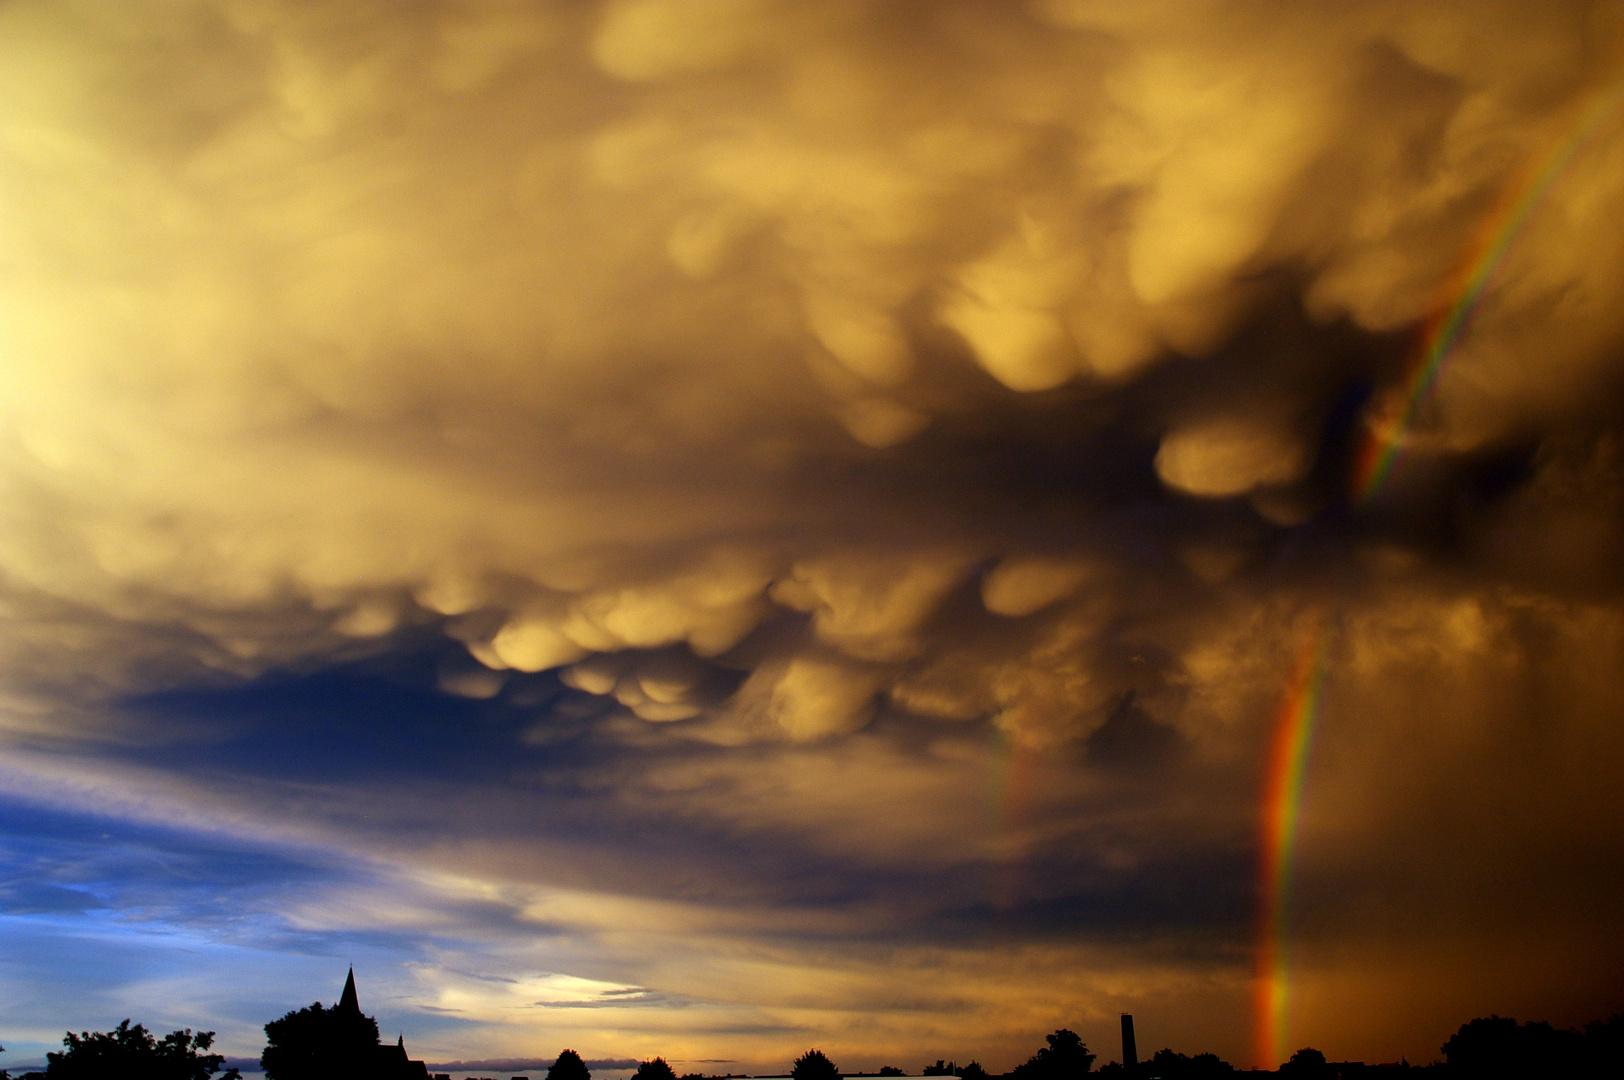 Wahnsinnswolken mit Regenbogen